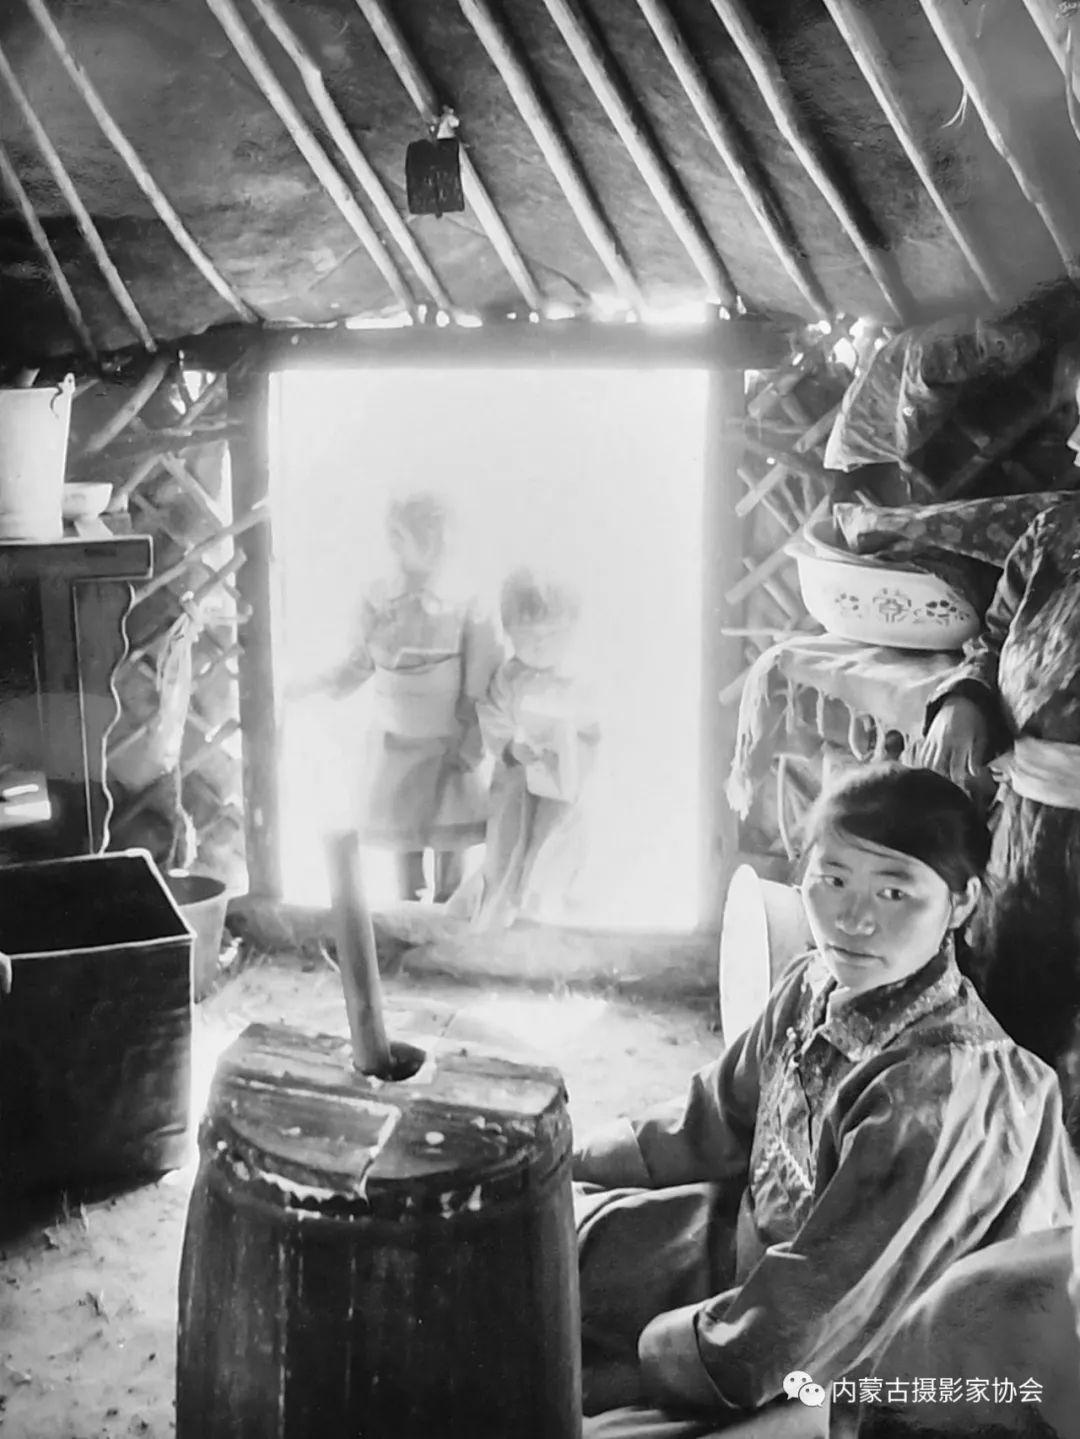 作品赏析丨内蒙古老摄影家岳枫镜头下的精彩瞬间 第14张 作品赏析丨内蒙古老摄影家岳枫镜头下的精彩瞬间 蒙古文化